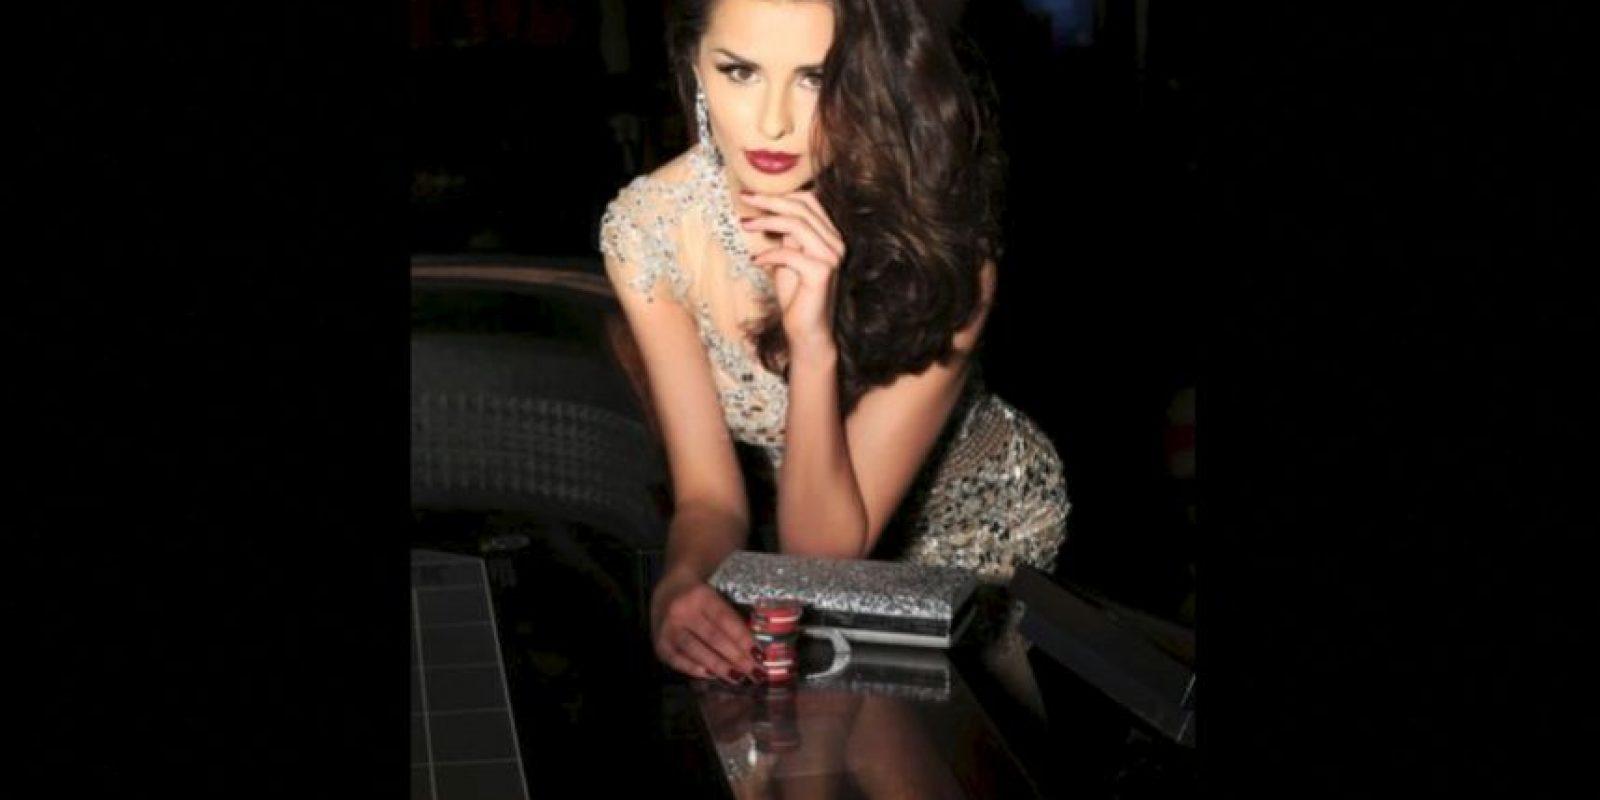 Weronika Szmajdzińska es Miss Polonia Foto:Facebook.com/MissUniverse